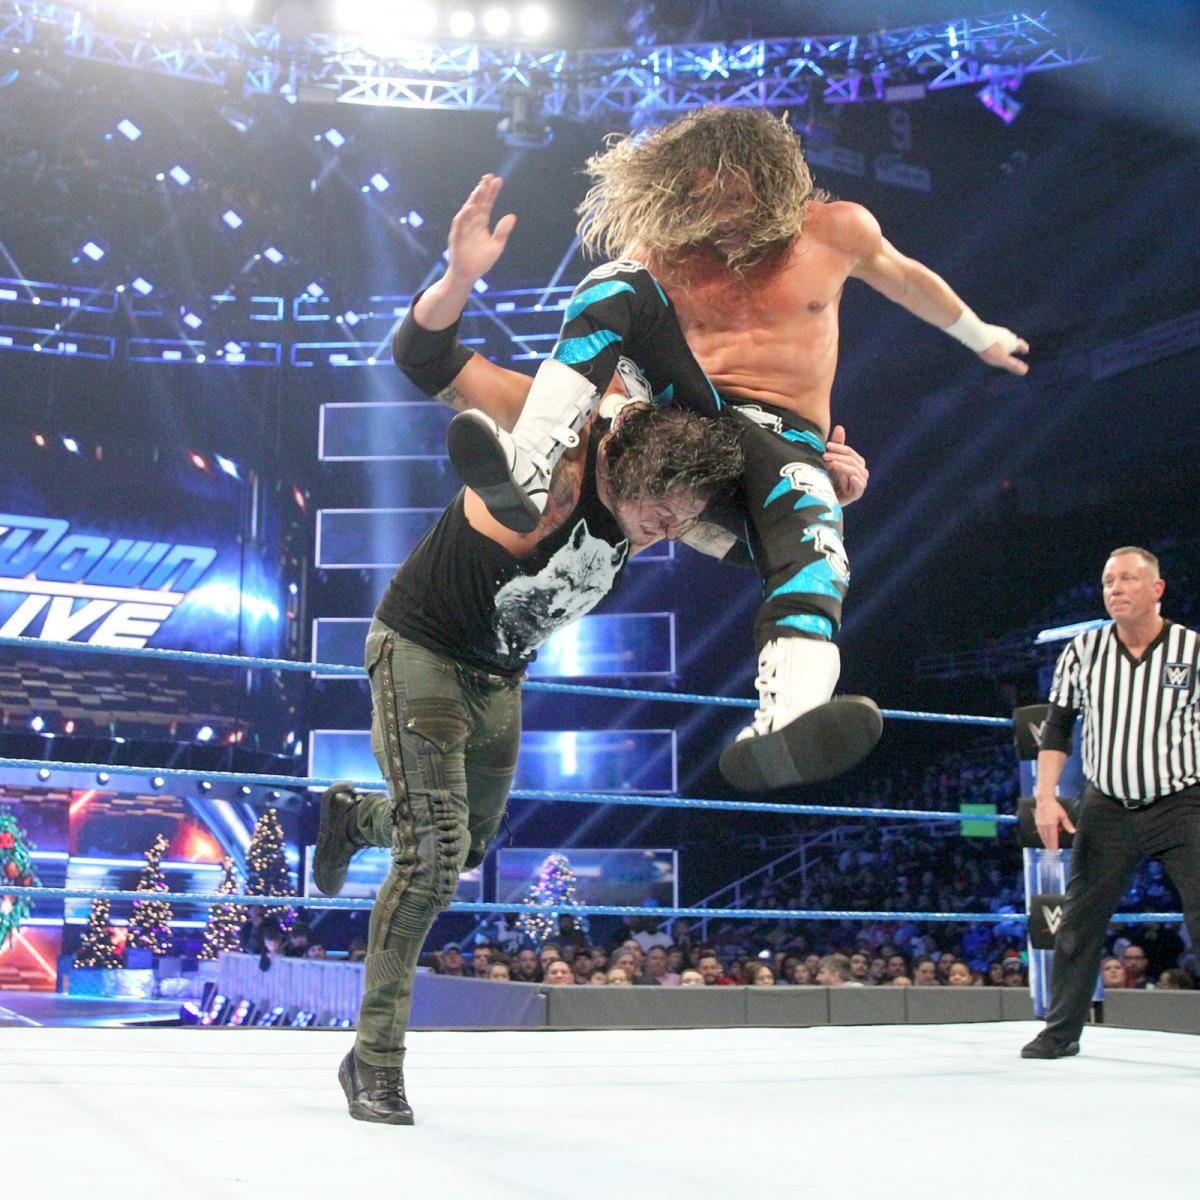 Fotos: Styles bändigt das Match mit einer Stuhl-Attacke | Nemeth :3 ...